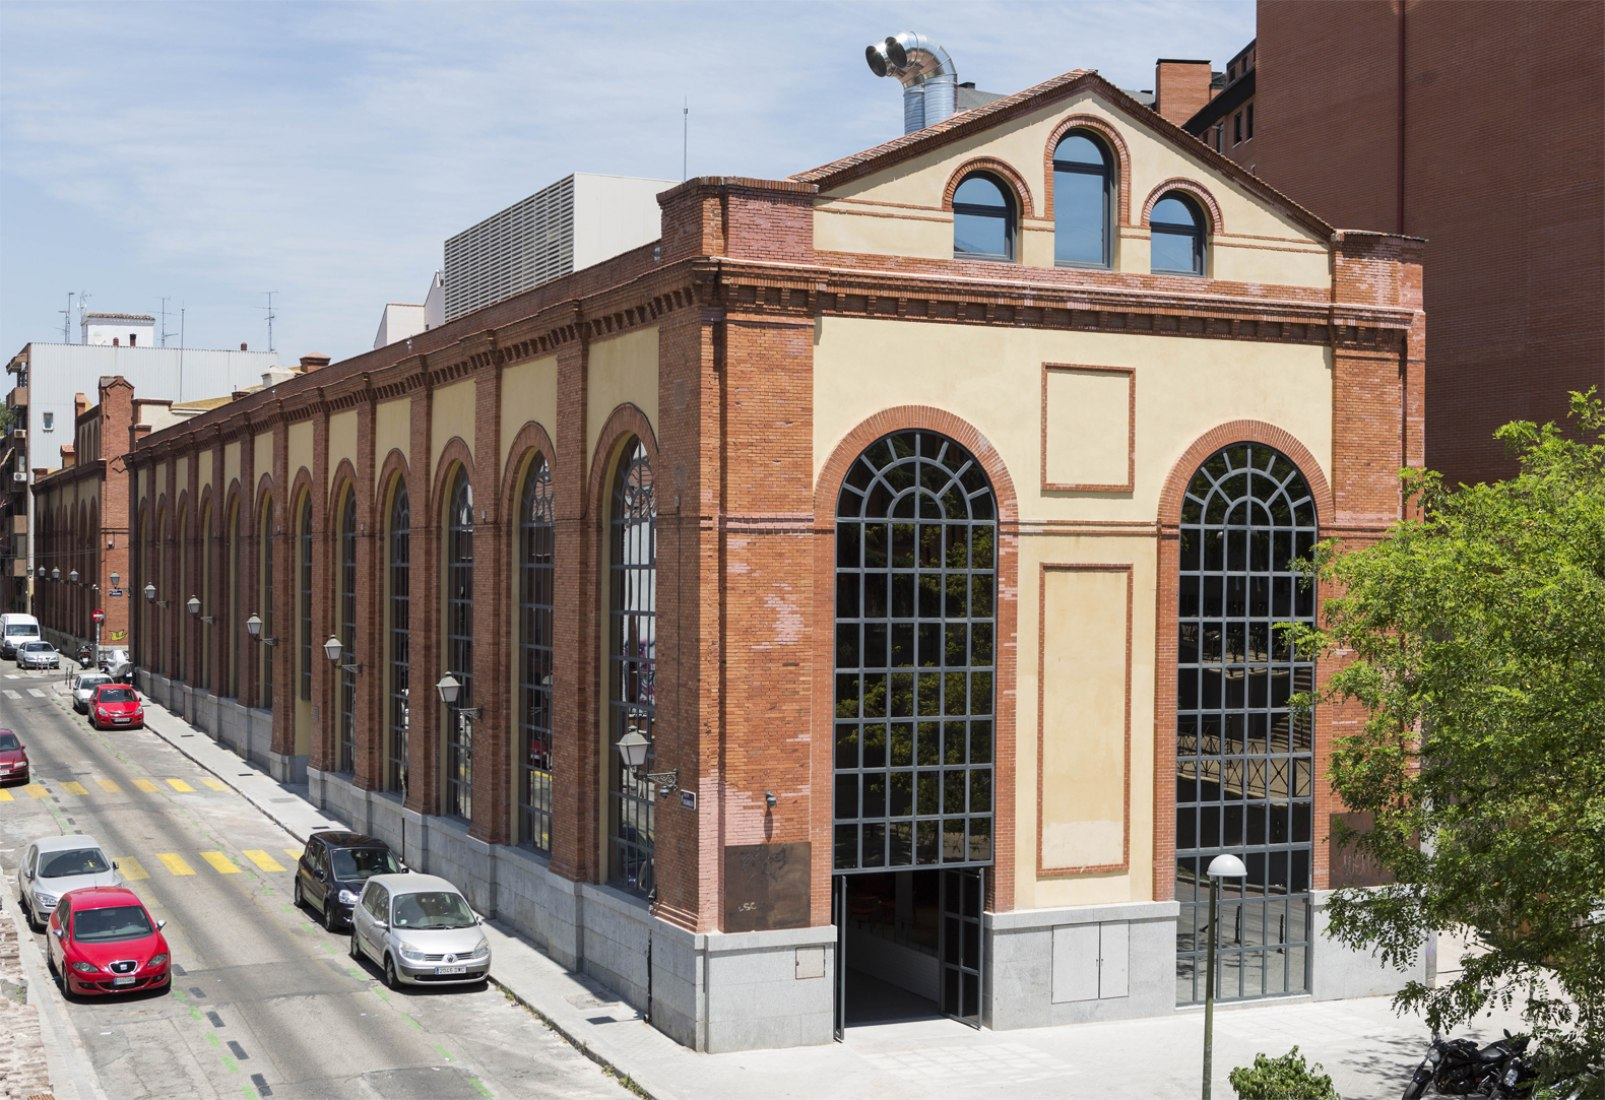 Campus Madrid por Jump Studios. Imagen del exterior tras la rehabilitación. Fotografía © Pedro González. Imagen cortesía de Campus Madrid.